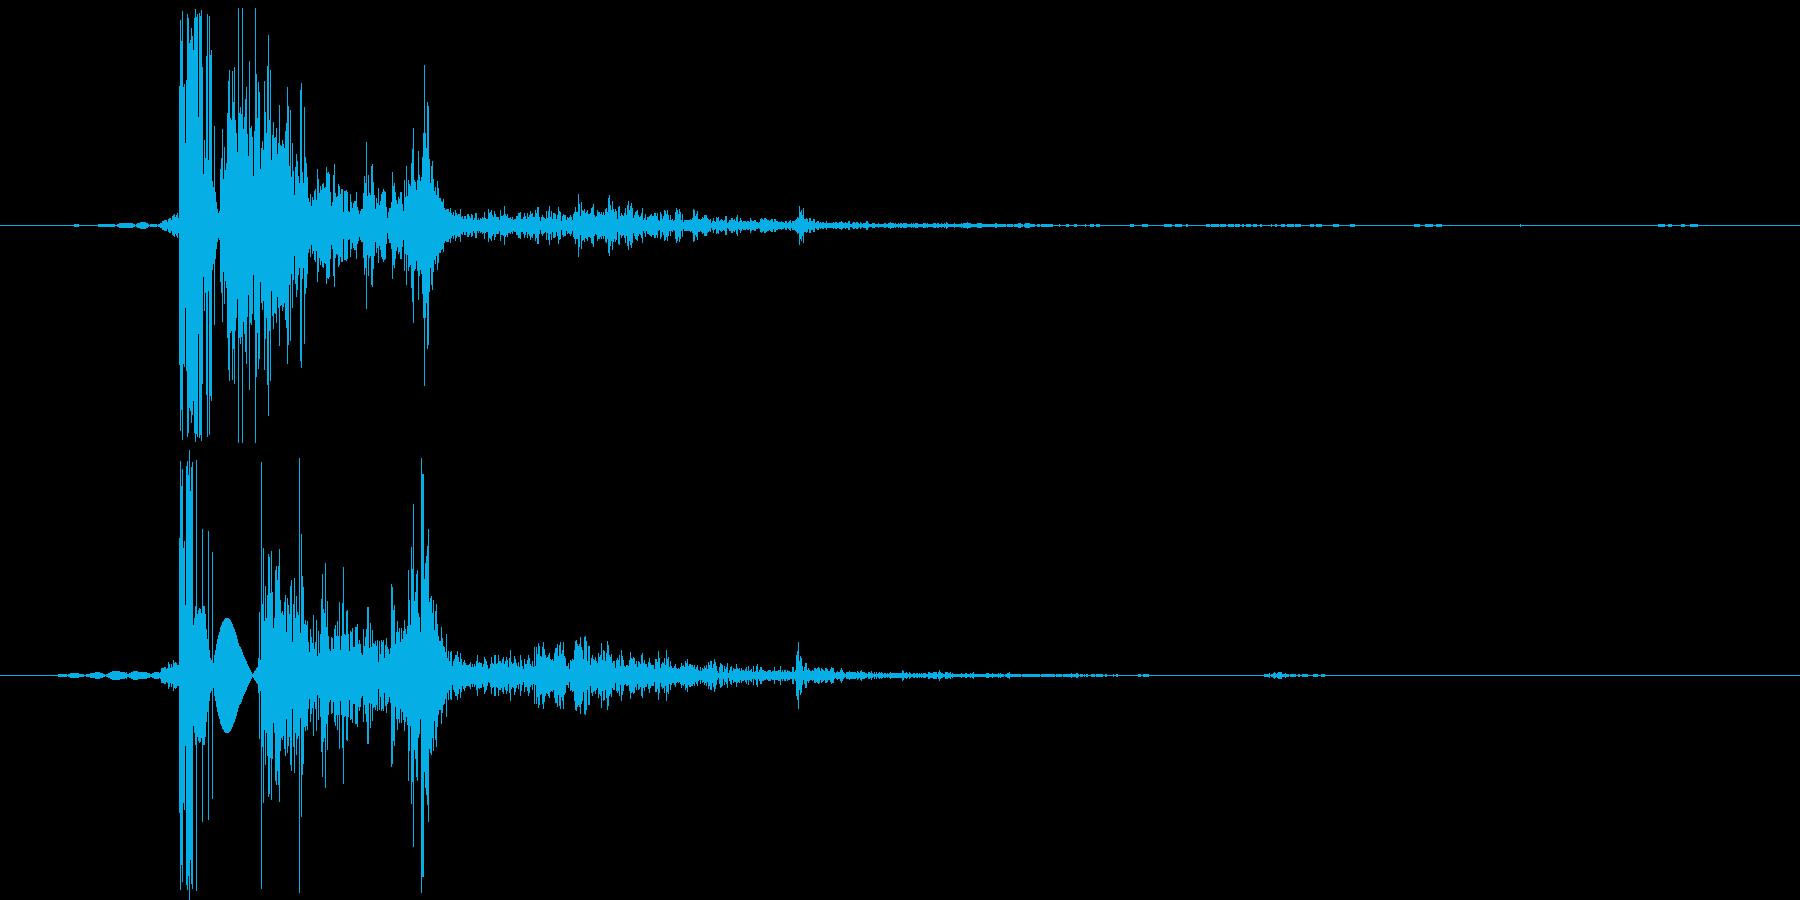 【銃声/AK/リアル/バスッ】の再生済みの波形